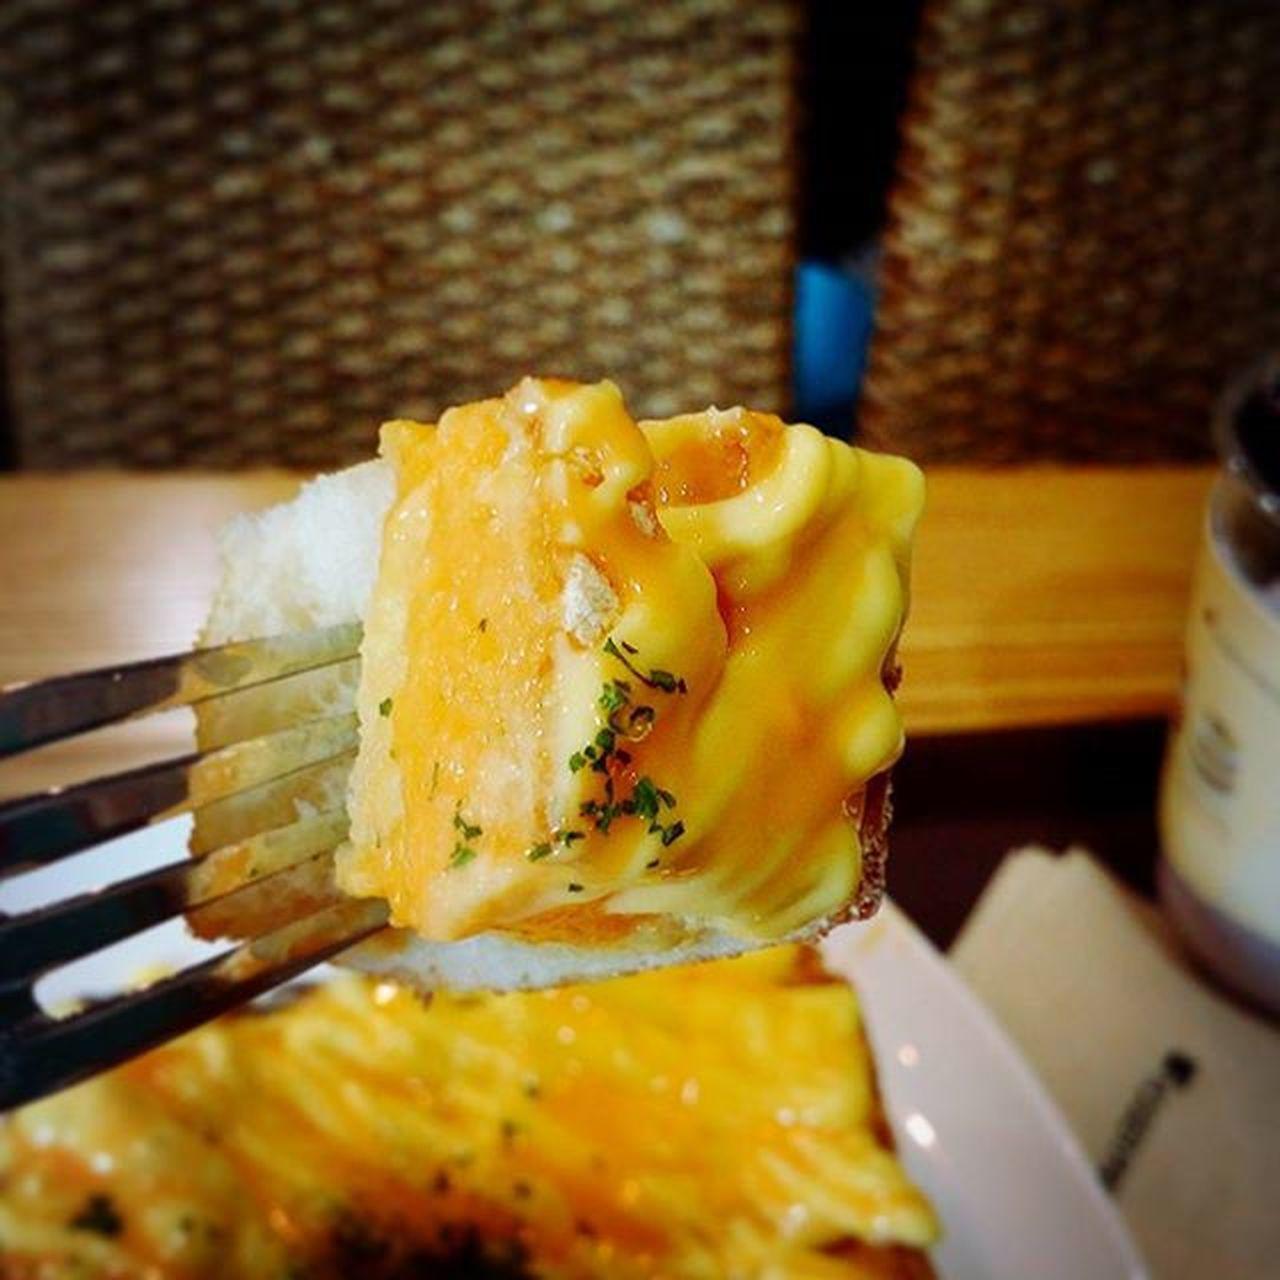 요거프레소 갈릭치즈브레드 달콤한 마늘소스 짭짤한 치즈 먹기아까워 😋 디저트스타그램 Instafood Foodie Bread Yogerpresso Yummy